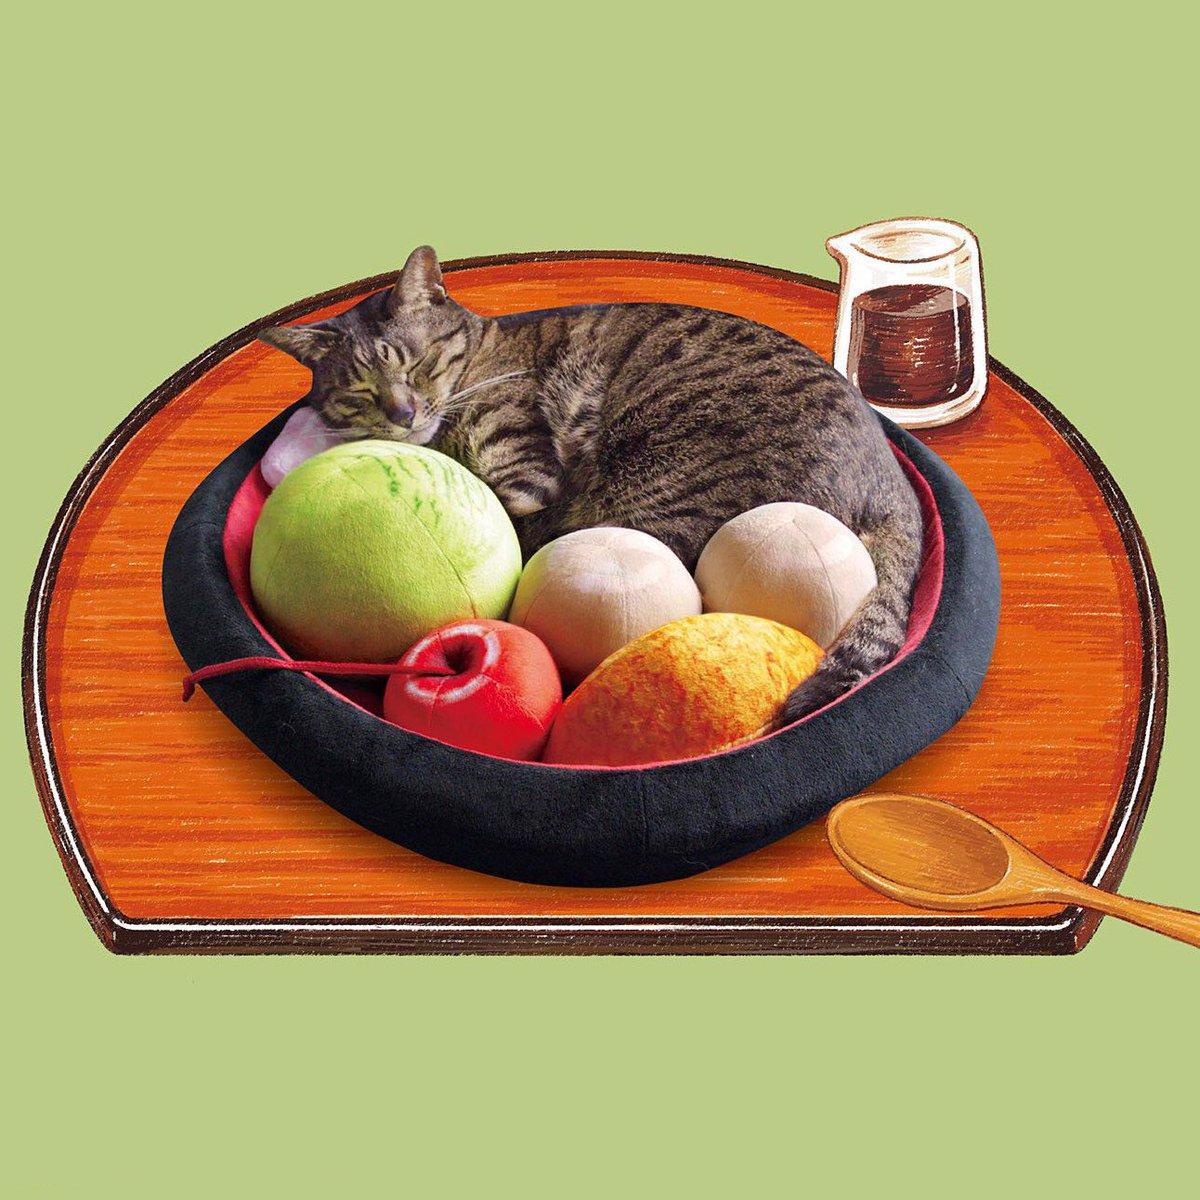 あんみつの具になってスヤァ( ˘ω˘ )💤  猫さんは入ってリラックス♪ 飼い主さんは見て癒される📷 あんみつにゃんこクッションが新登場